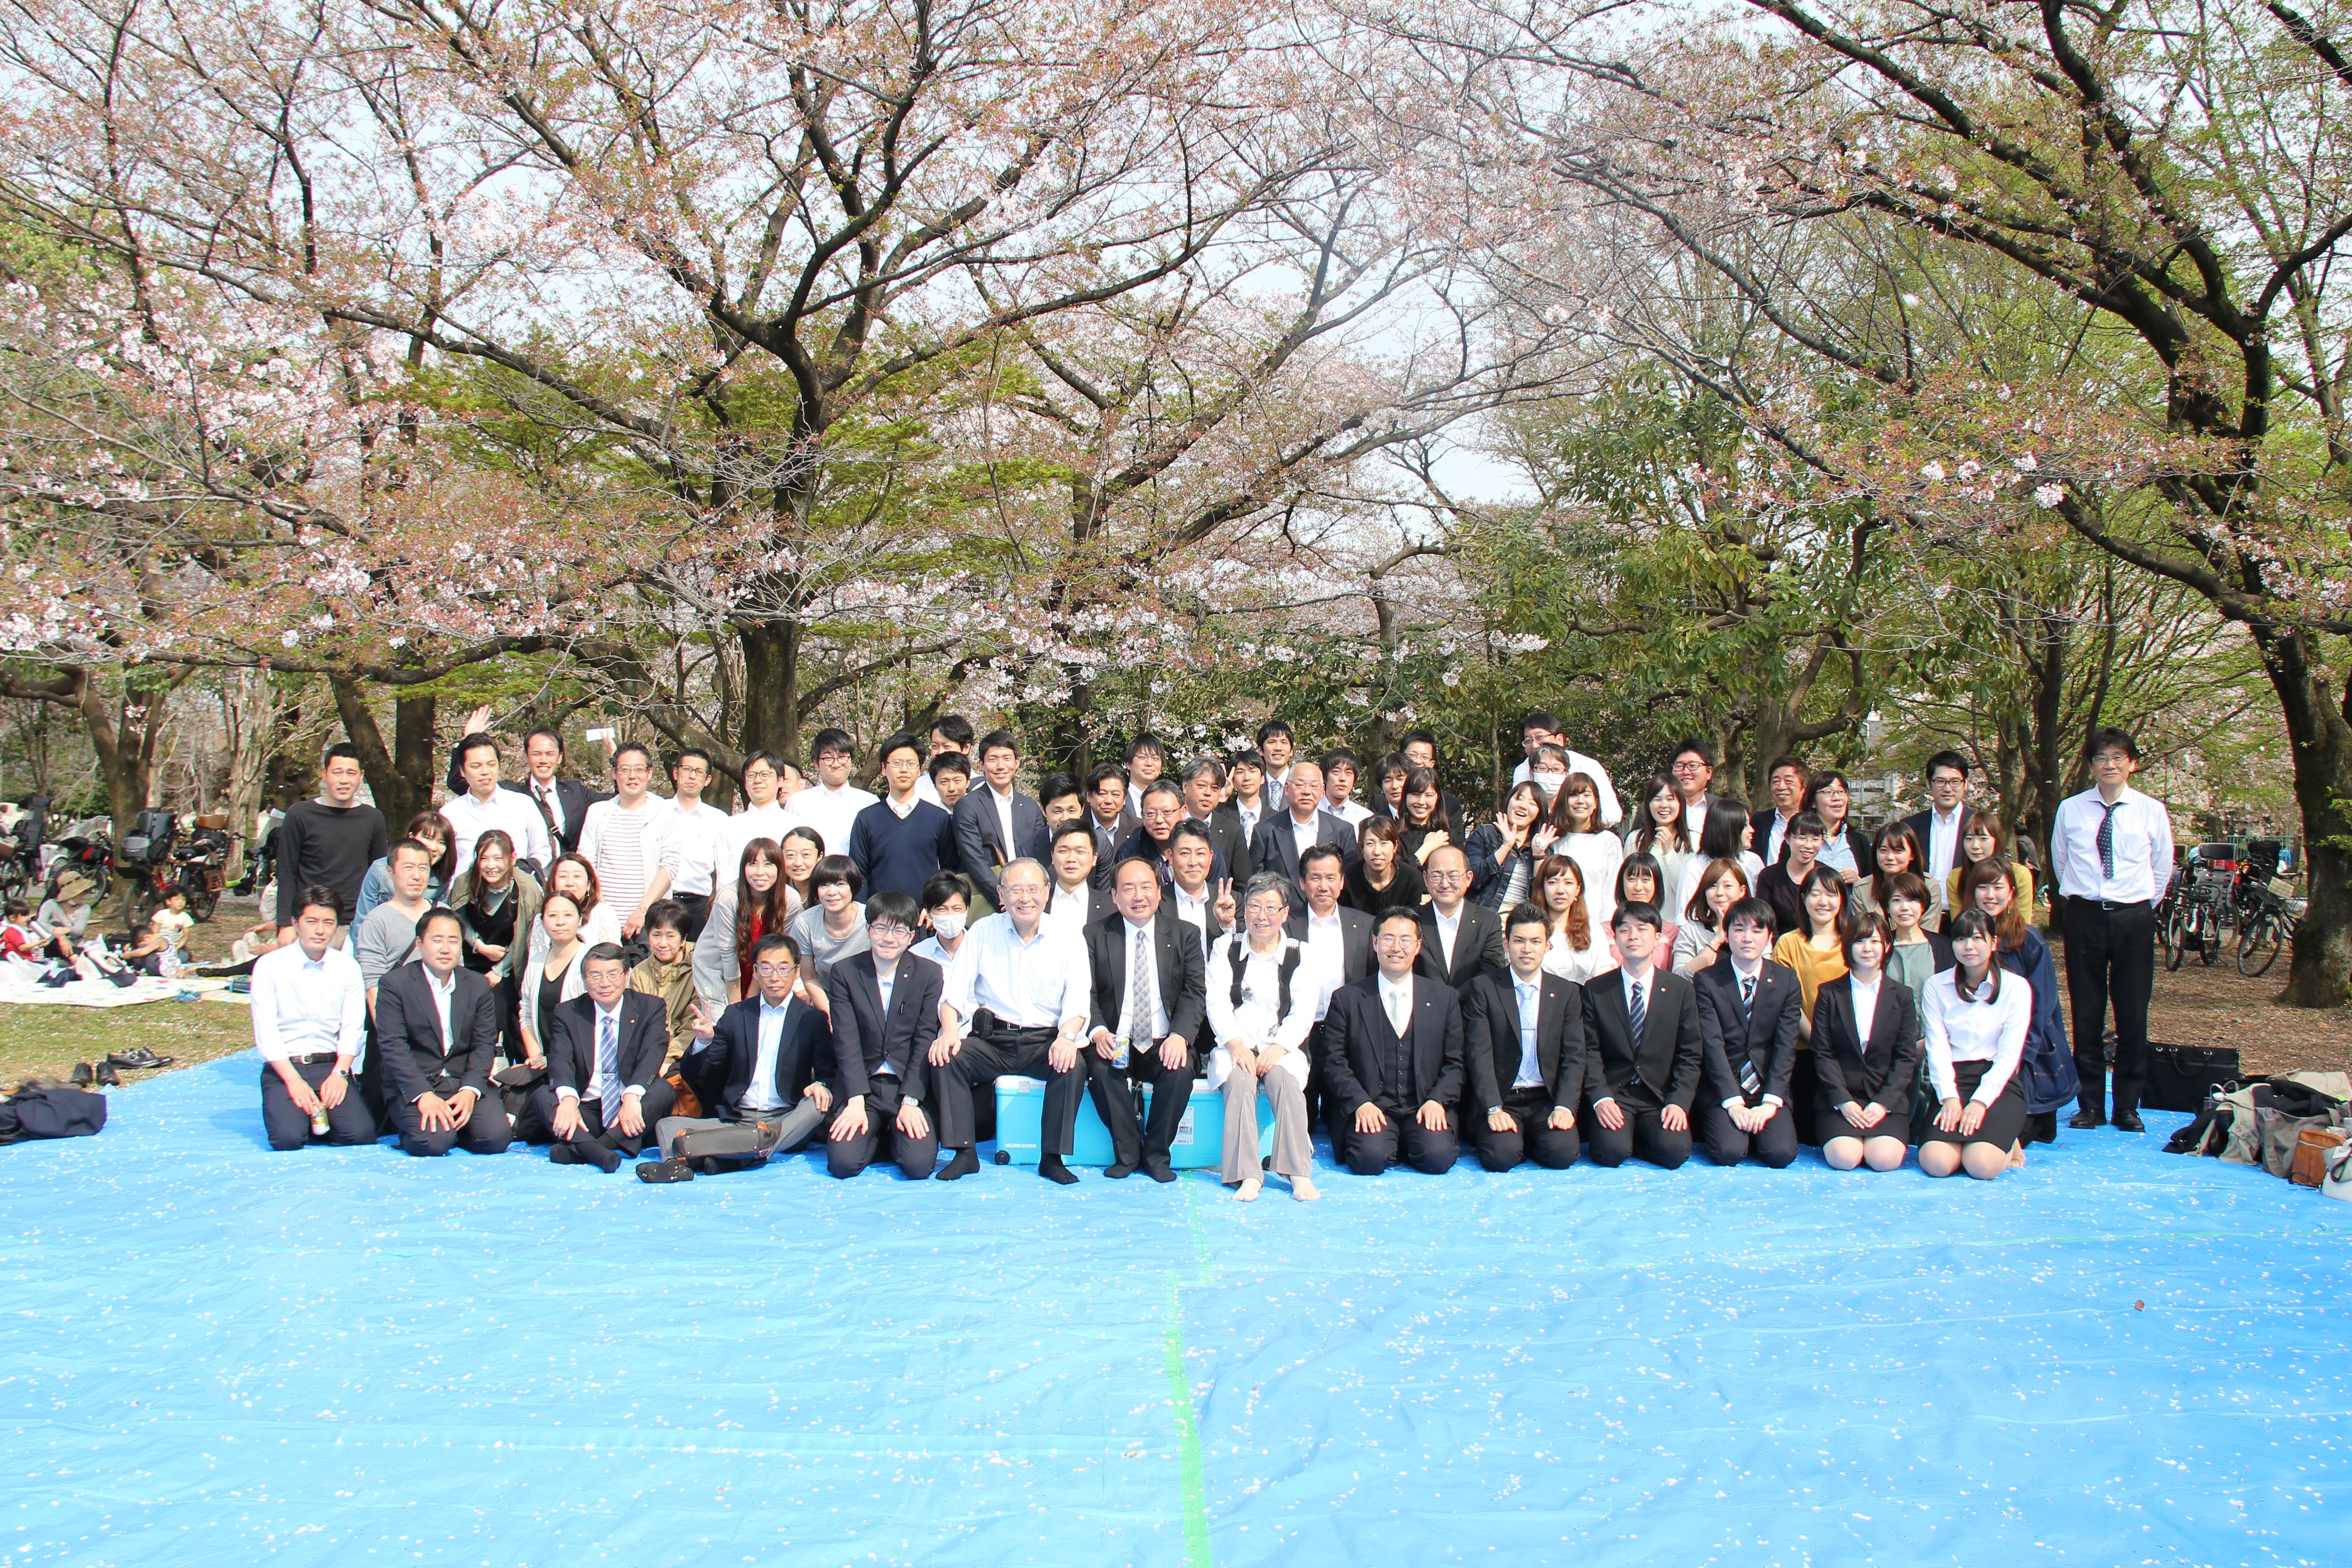 平成30年度入社式と新入社員歓迎花見会を行いました。